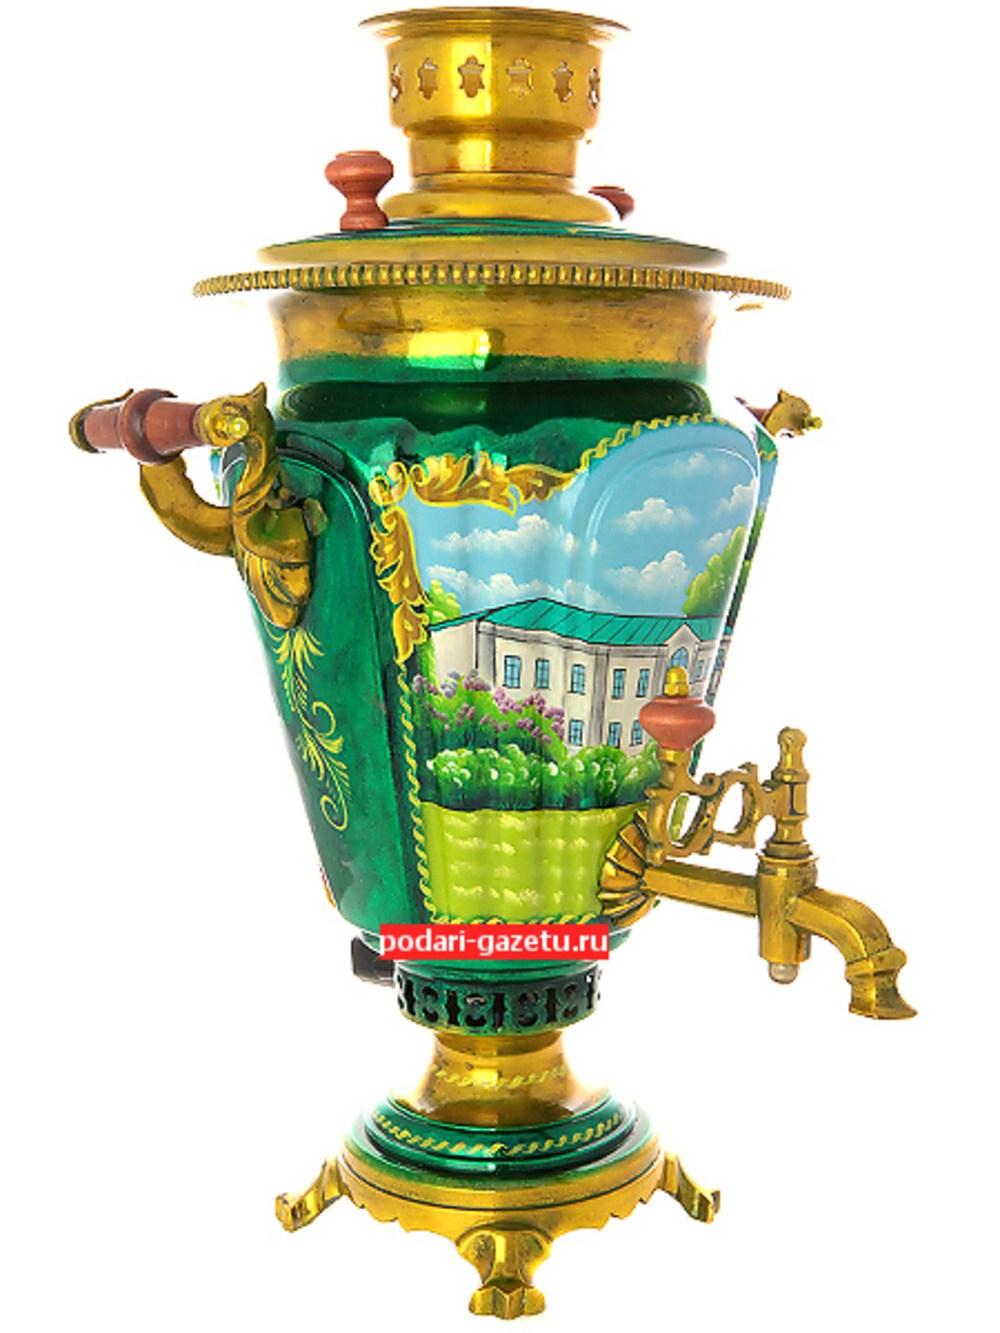 Электрический самовар на 7 литров с художественной росписью Ясная поляна, форма конус